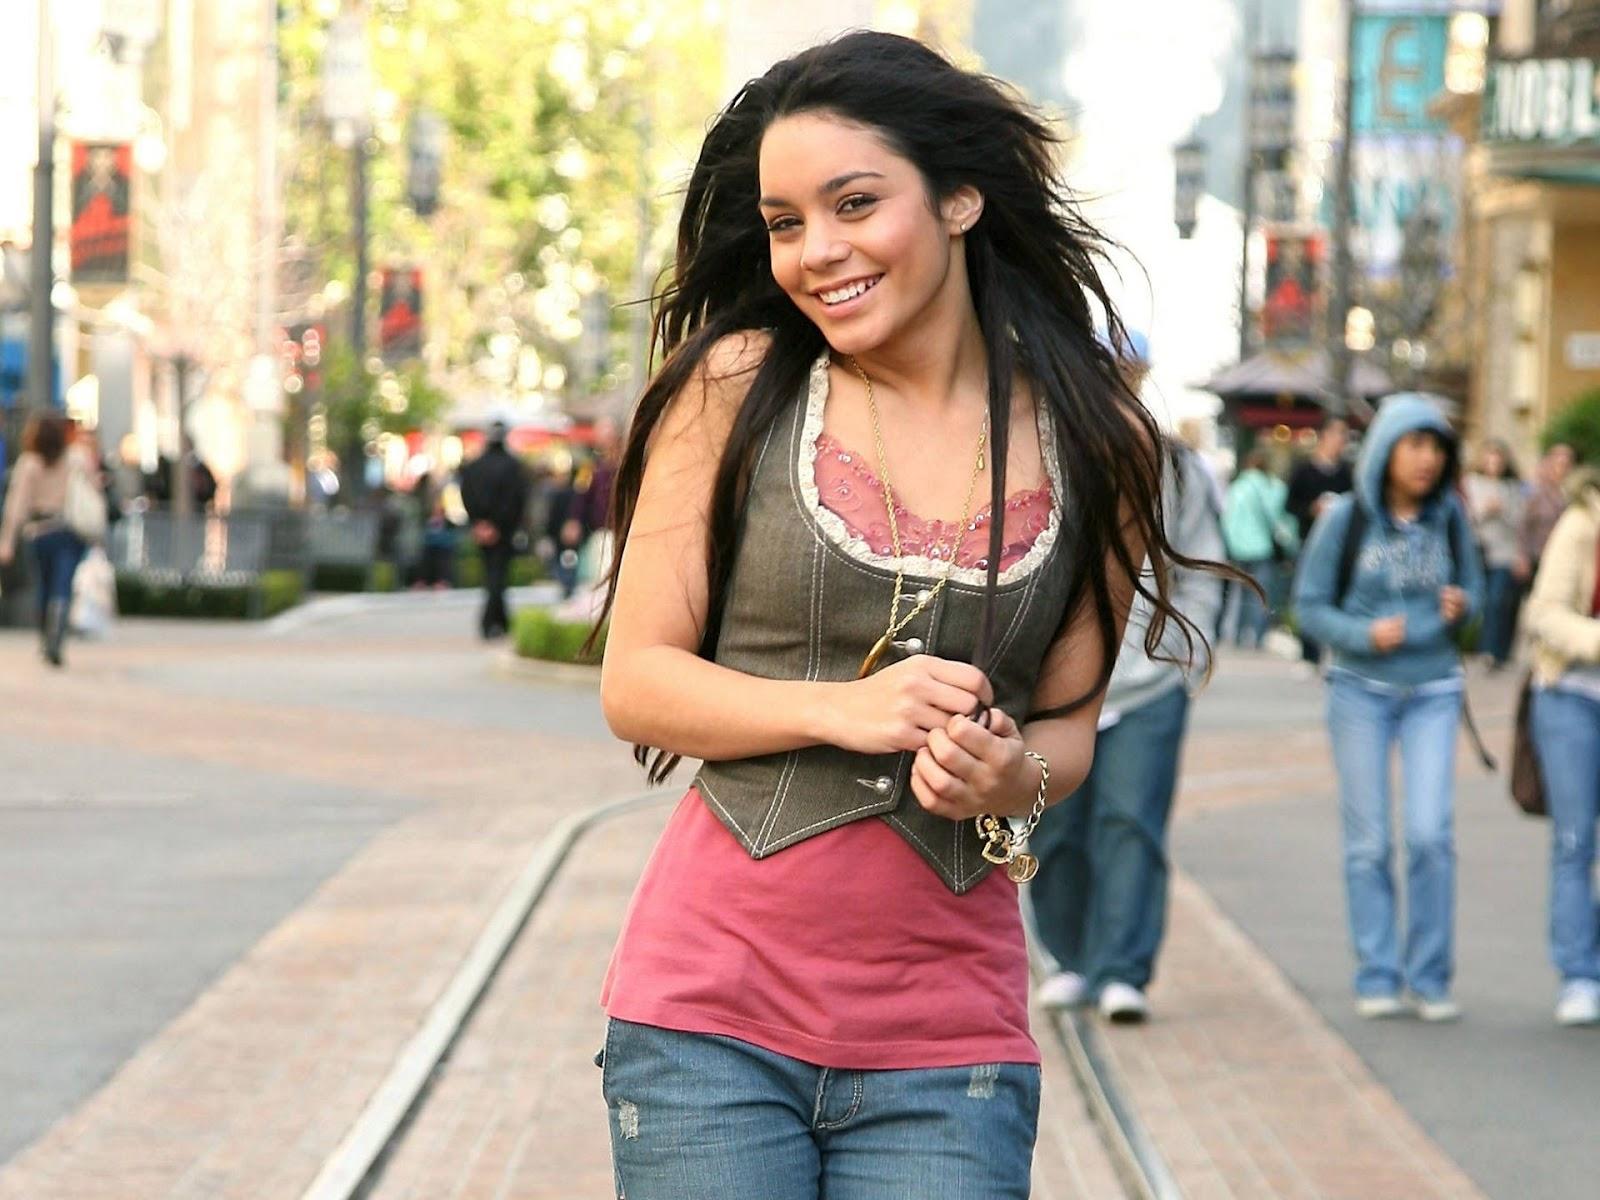 http://3.bp.blogspot.com/-_f8BFTBD1JI/UAJ-DTlFFGI/AAAAAAAAIhU/Rt6KNiSMJ6A/s1600/Vanessa_hot_hudgens+(3).jpg